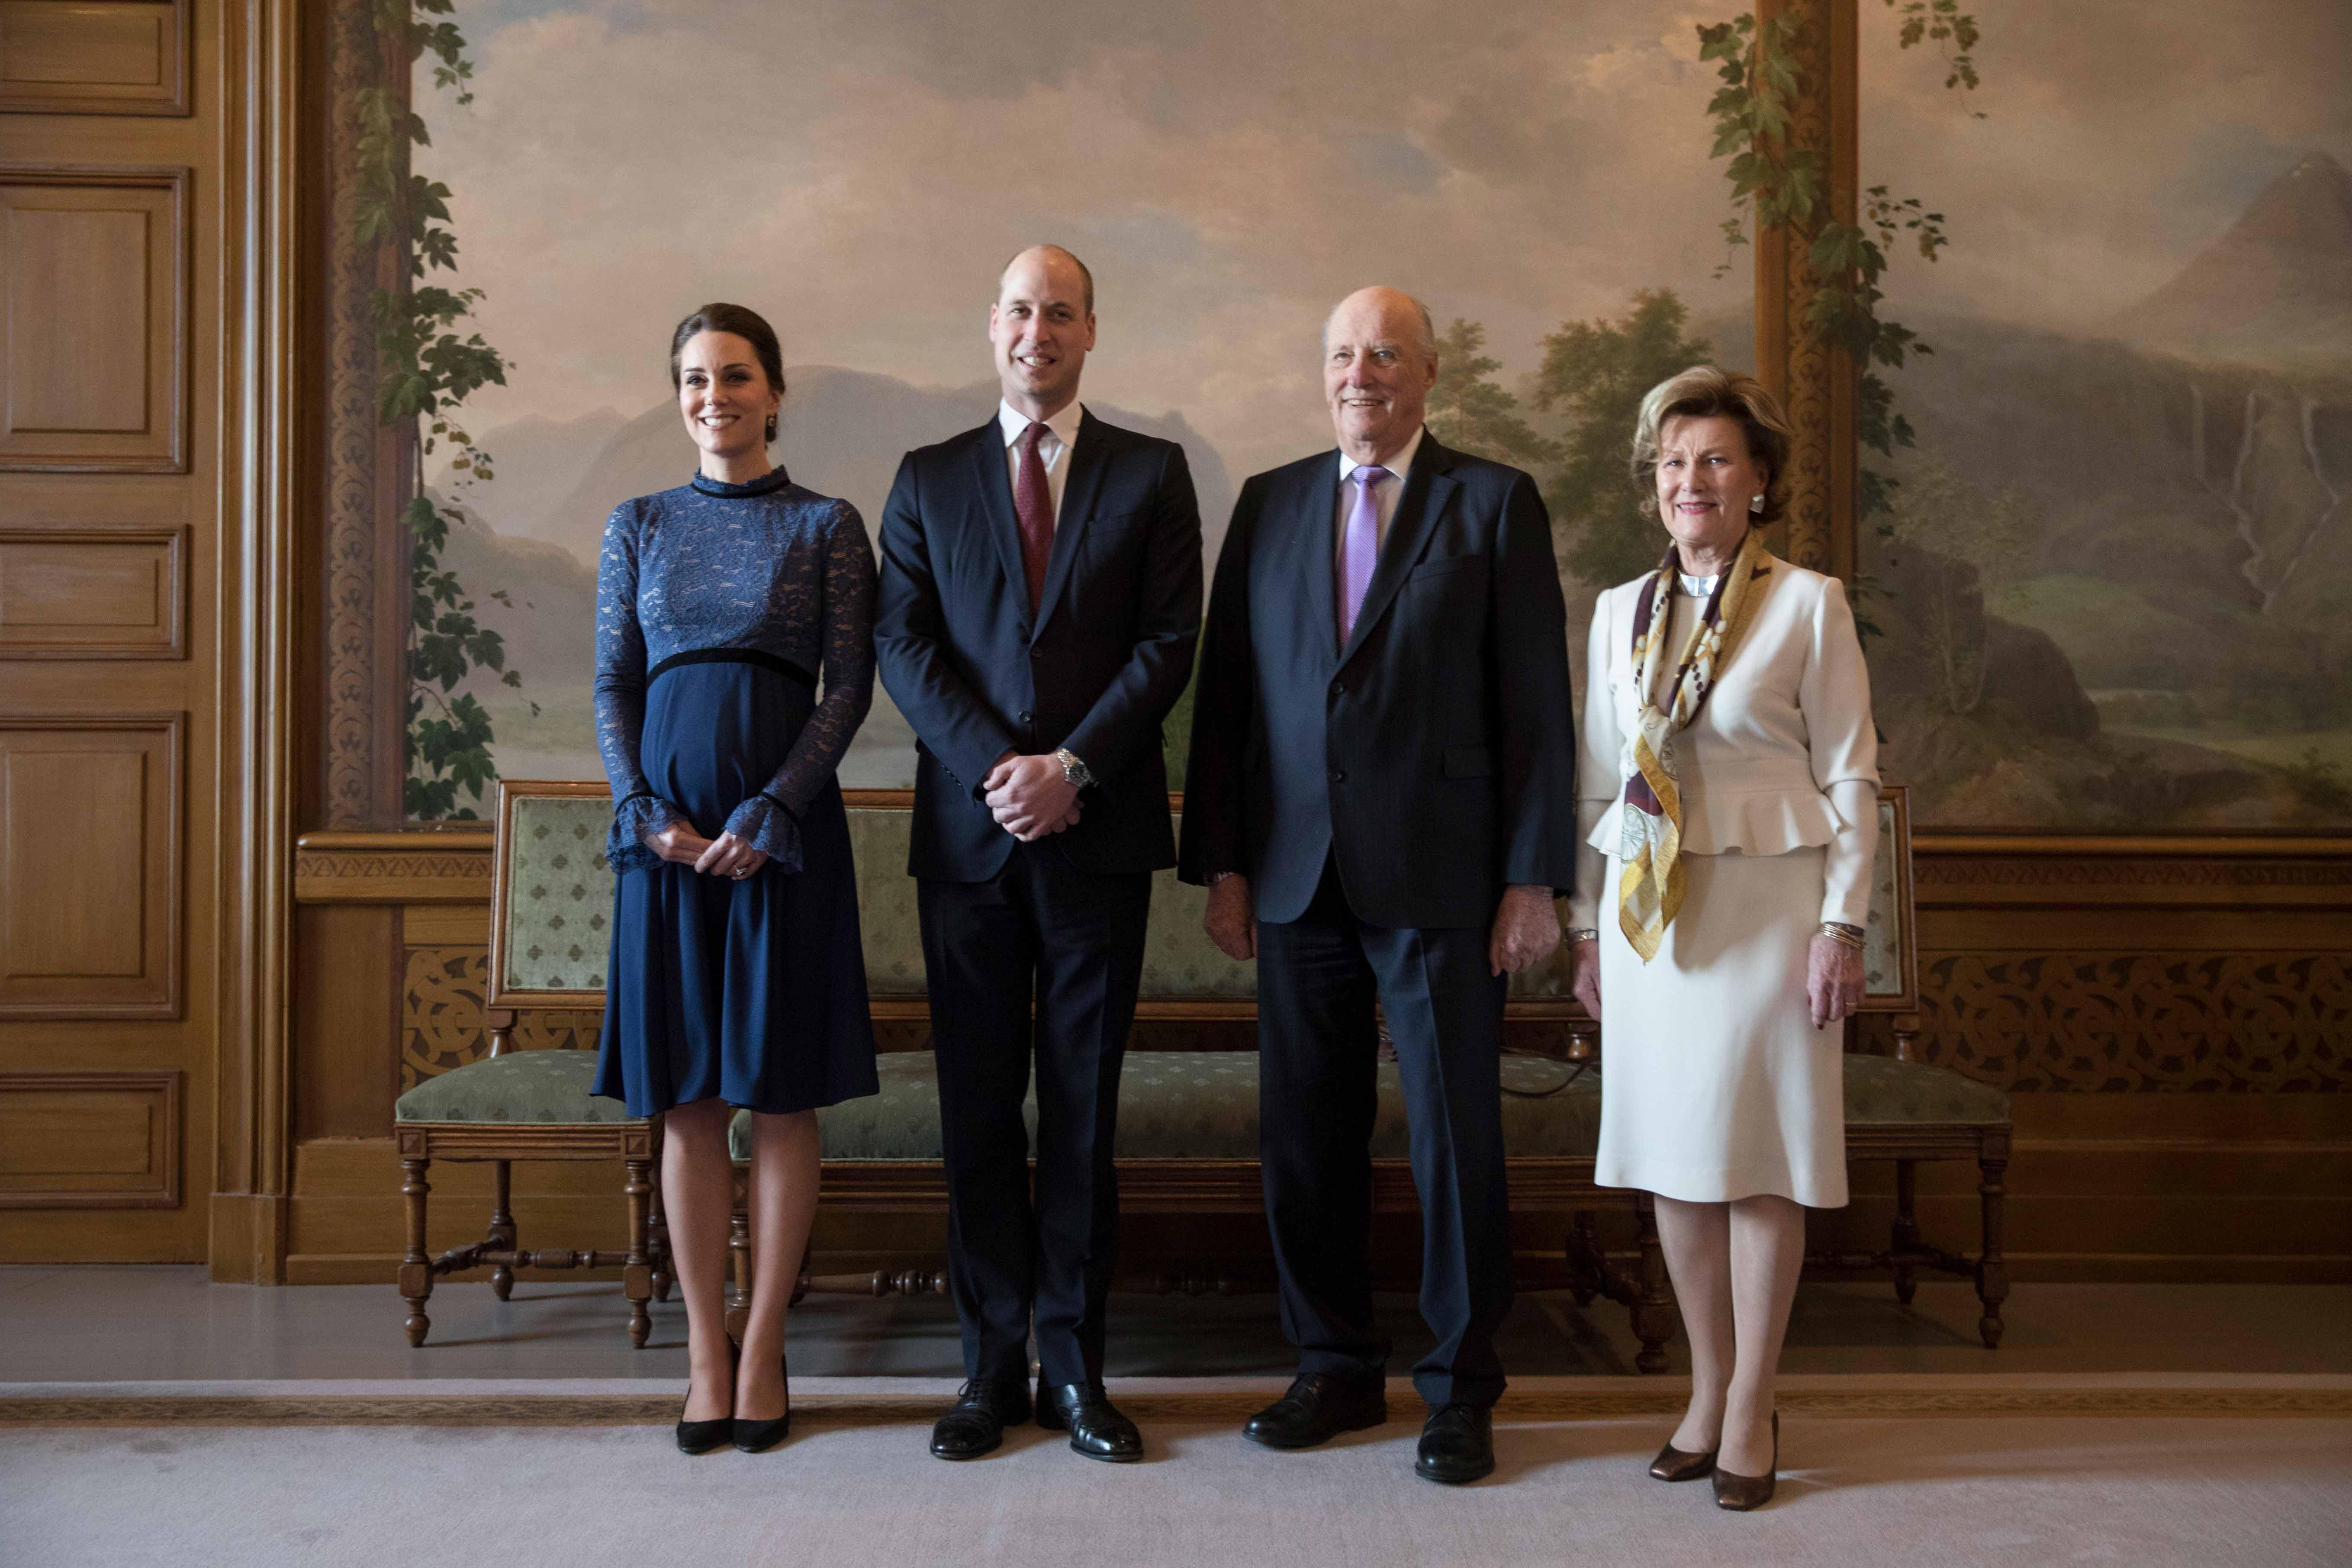 William y Kate posan junto el rey Harald de Noruega, la reina Sonja, en el Palacio Real de Oslo. Por la noche, Kate repitió vestido pero se recogió el cabello. (Foto: Vidar Ruud/NTB Scanpix via AP)